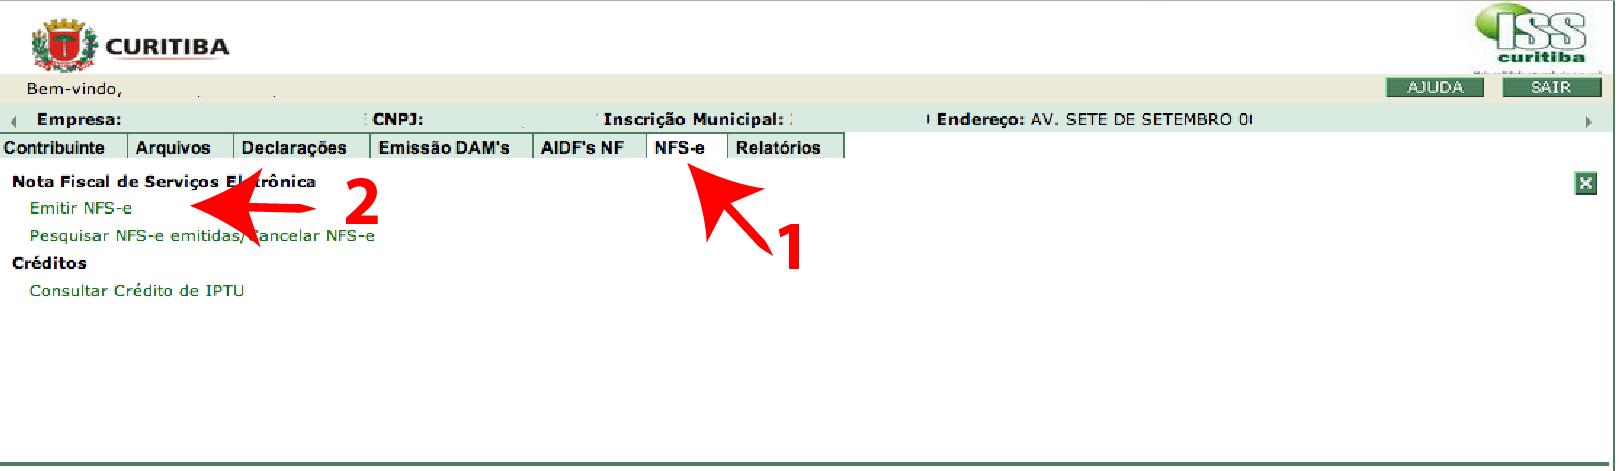 Passos 1 e 2 de Como Emitir Boa Nota Fiscal - ISS Curitiba no simples nacional